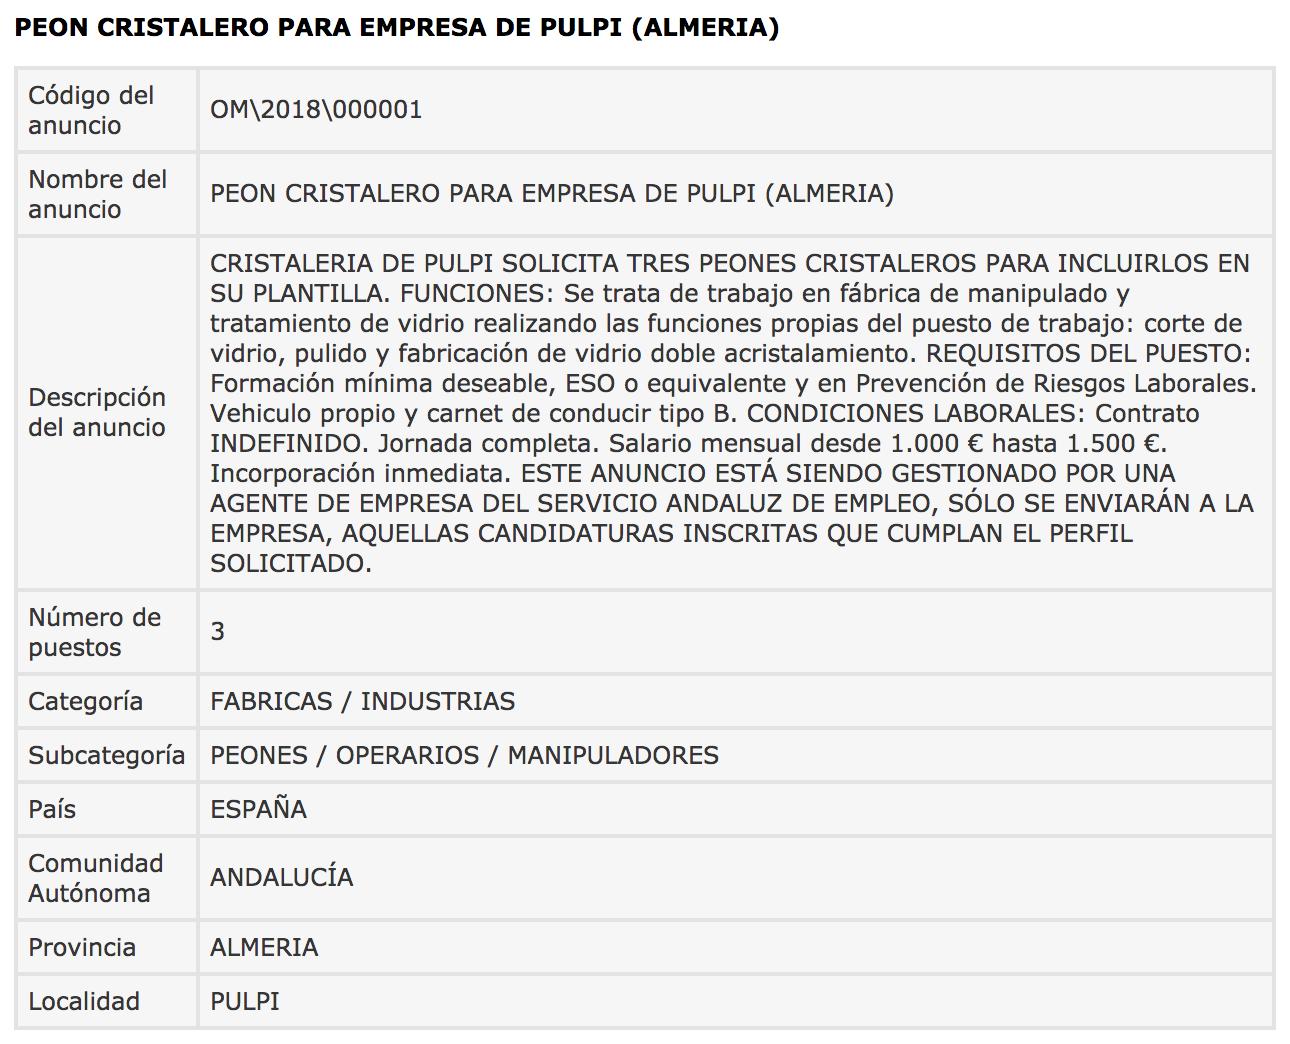 Ofertas de Empleo en España: Peón cristalero - Pulpí - photo#27